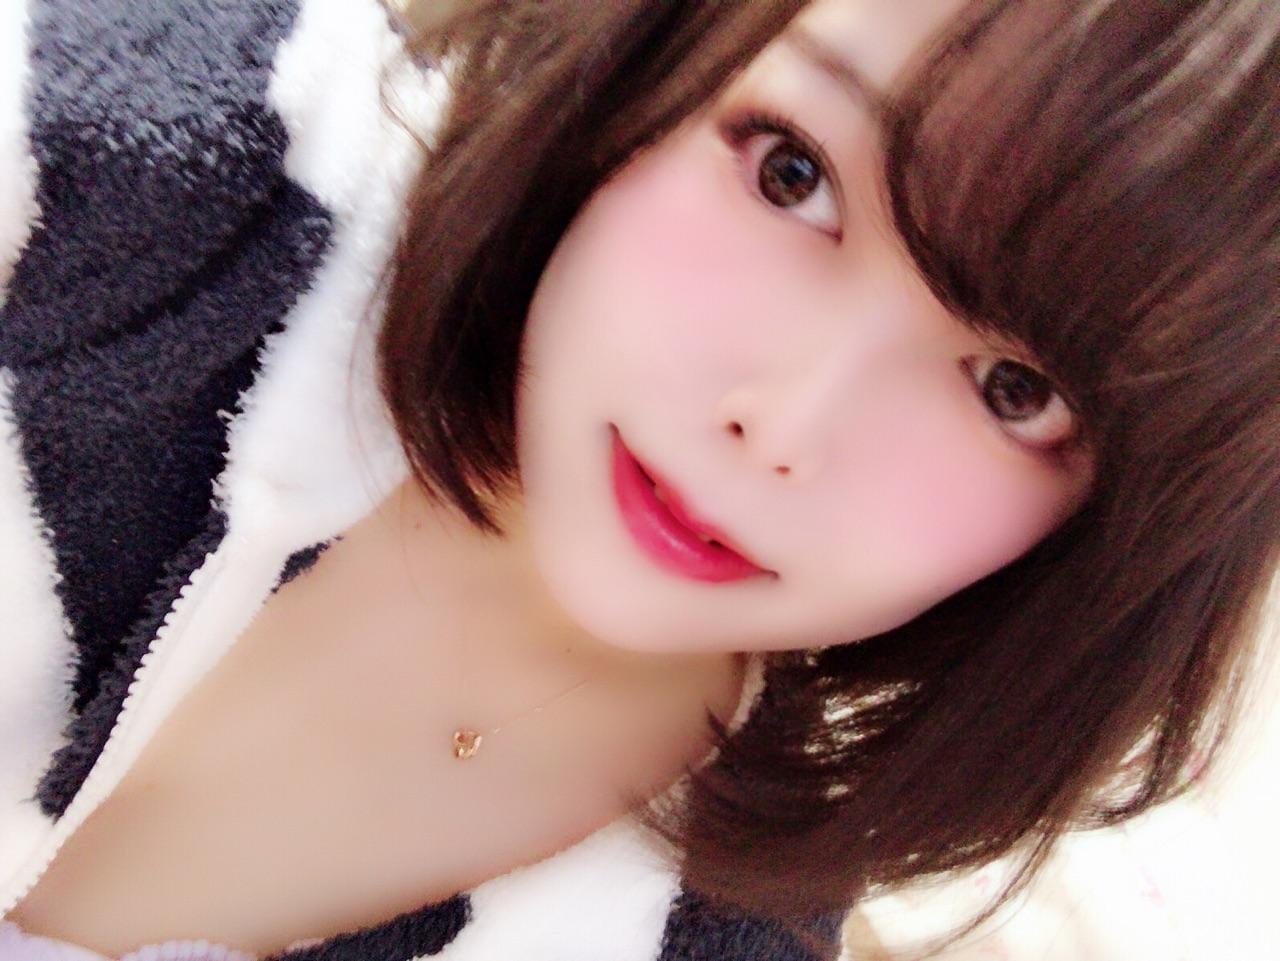 「ありがとう♡」05/23(水) 00:46   きのぴおの写メ・風俗動画